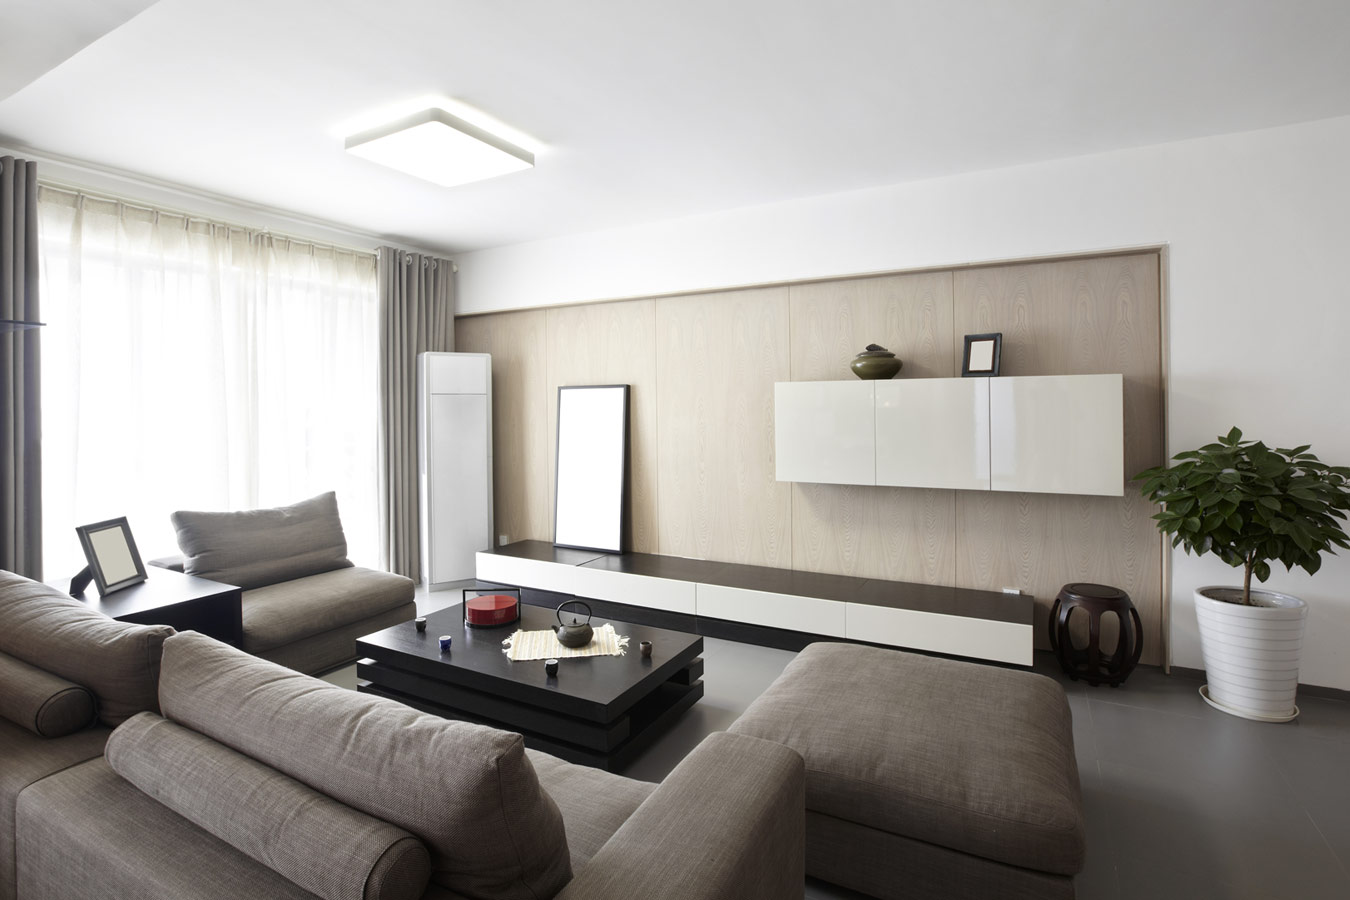 Knusse woonkamer met grijze zetel - Woonkamer inrichten